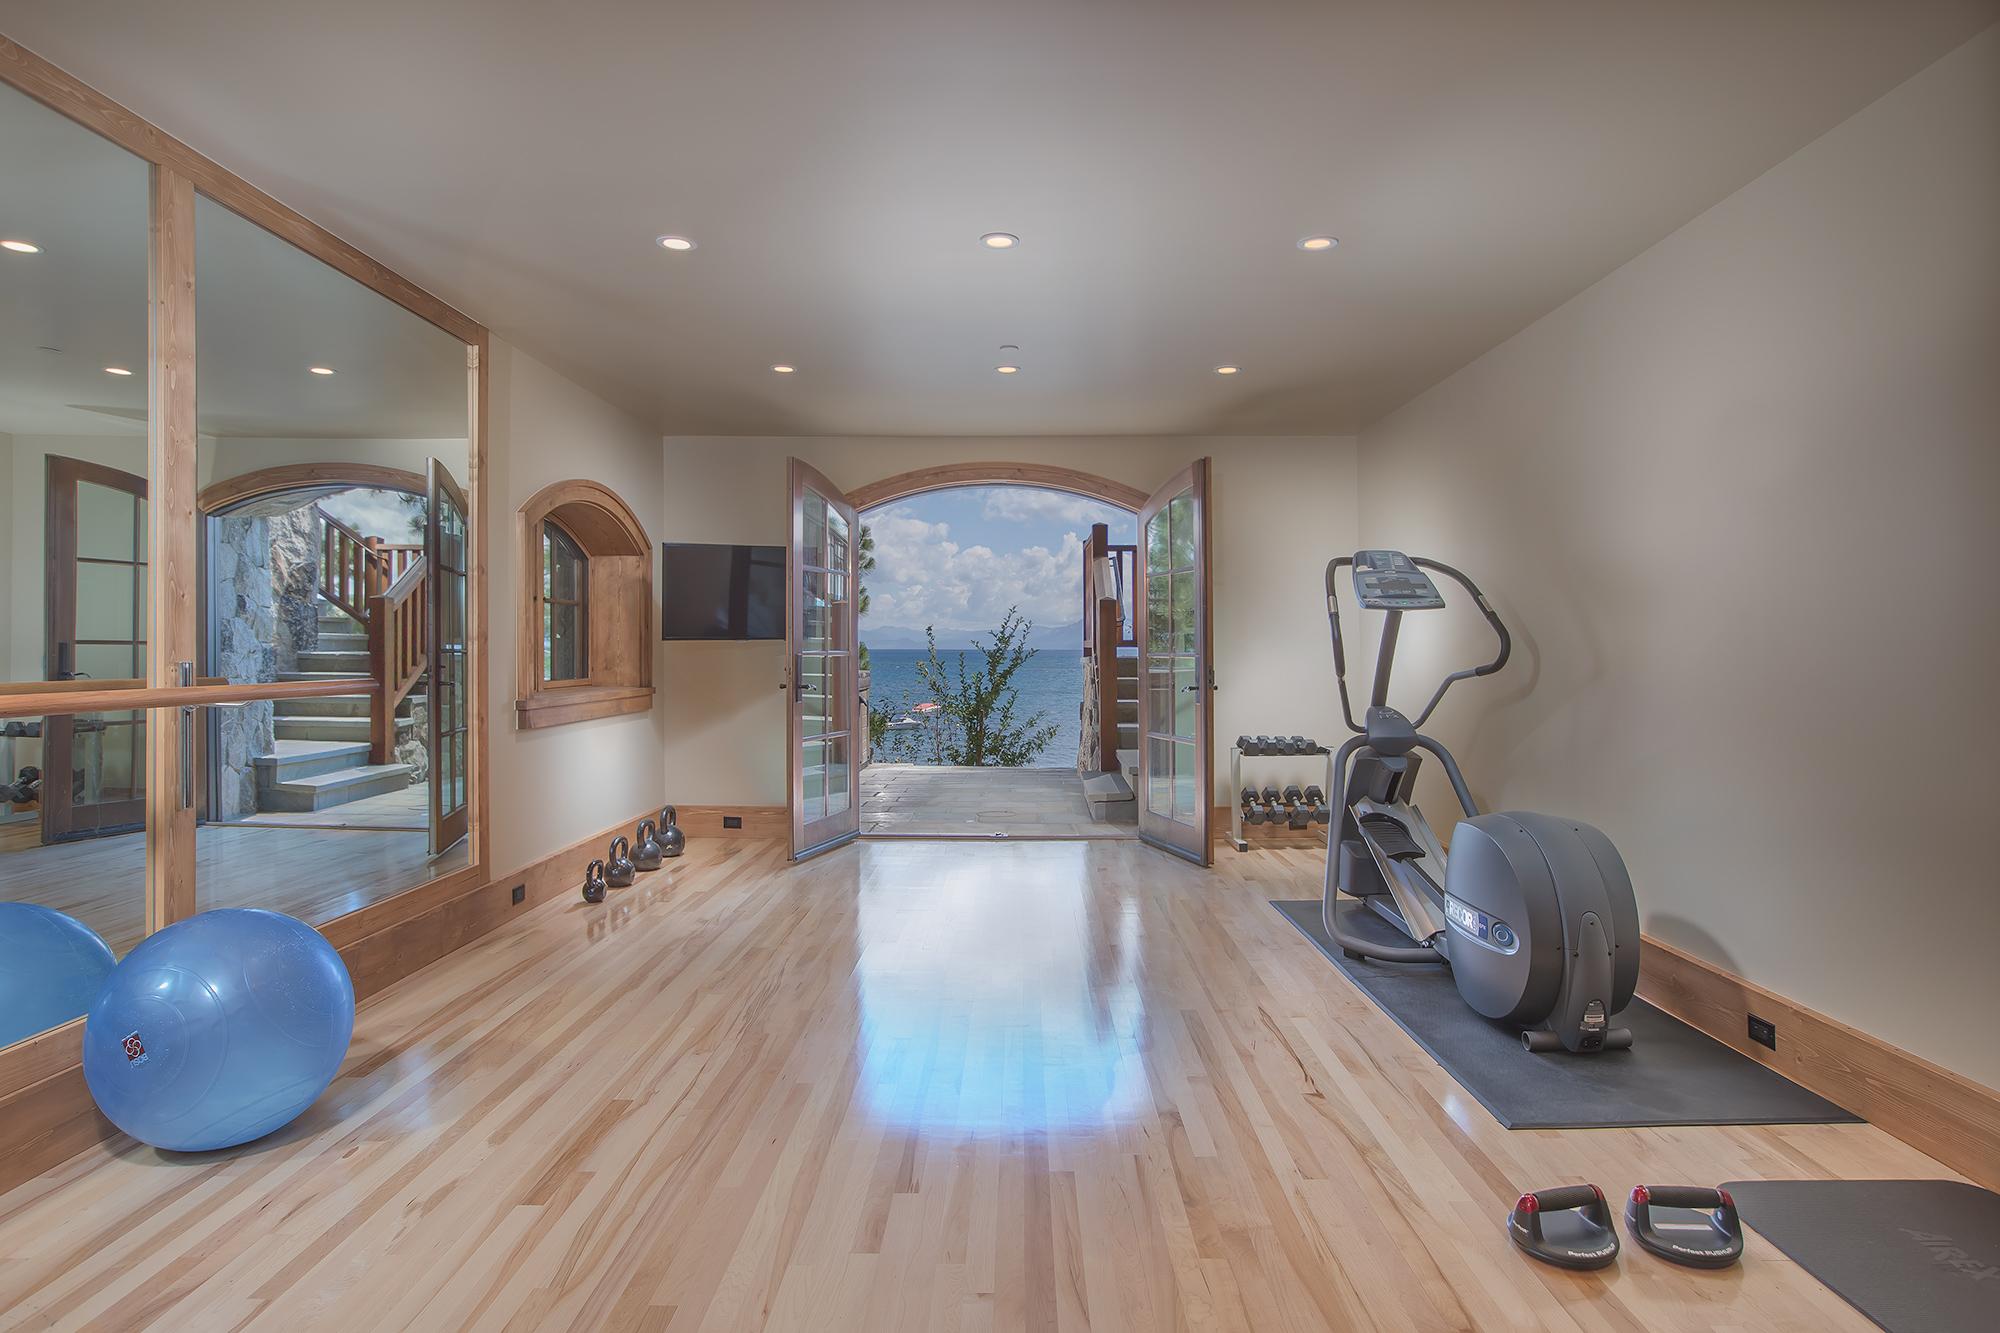 schwab-residence-exercise-room.jpg